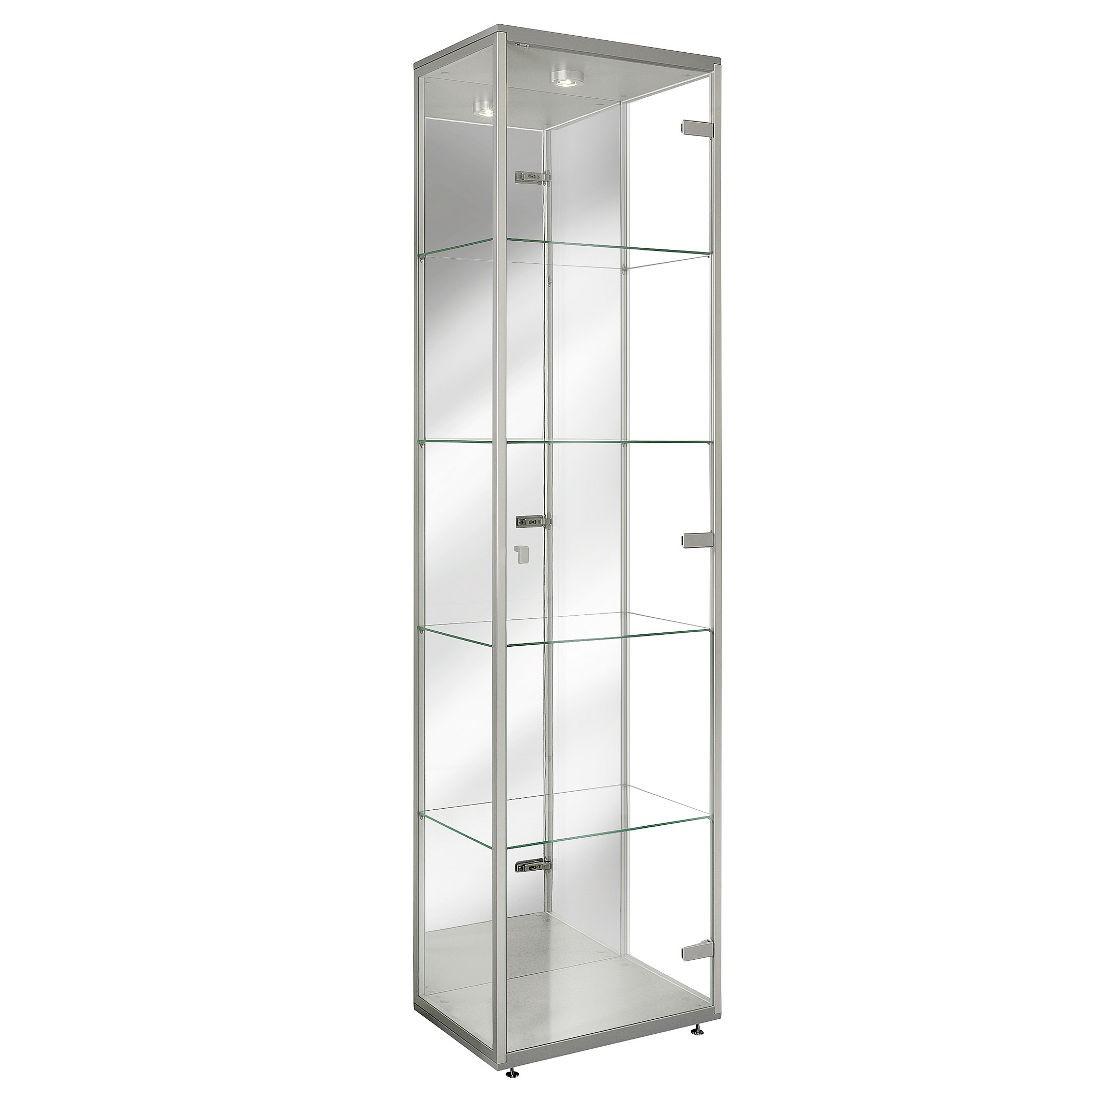 Klarglasvitrine Vision mit Halogen-Beleuchtung - klein - Spiegel Silber (KlarglasVitrine Vision/LED-Beleuchtung - klusive Spiegel Silber)